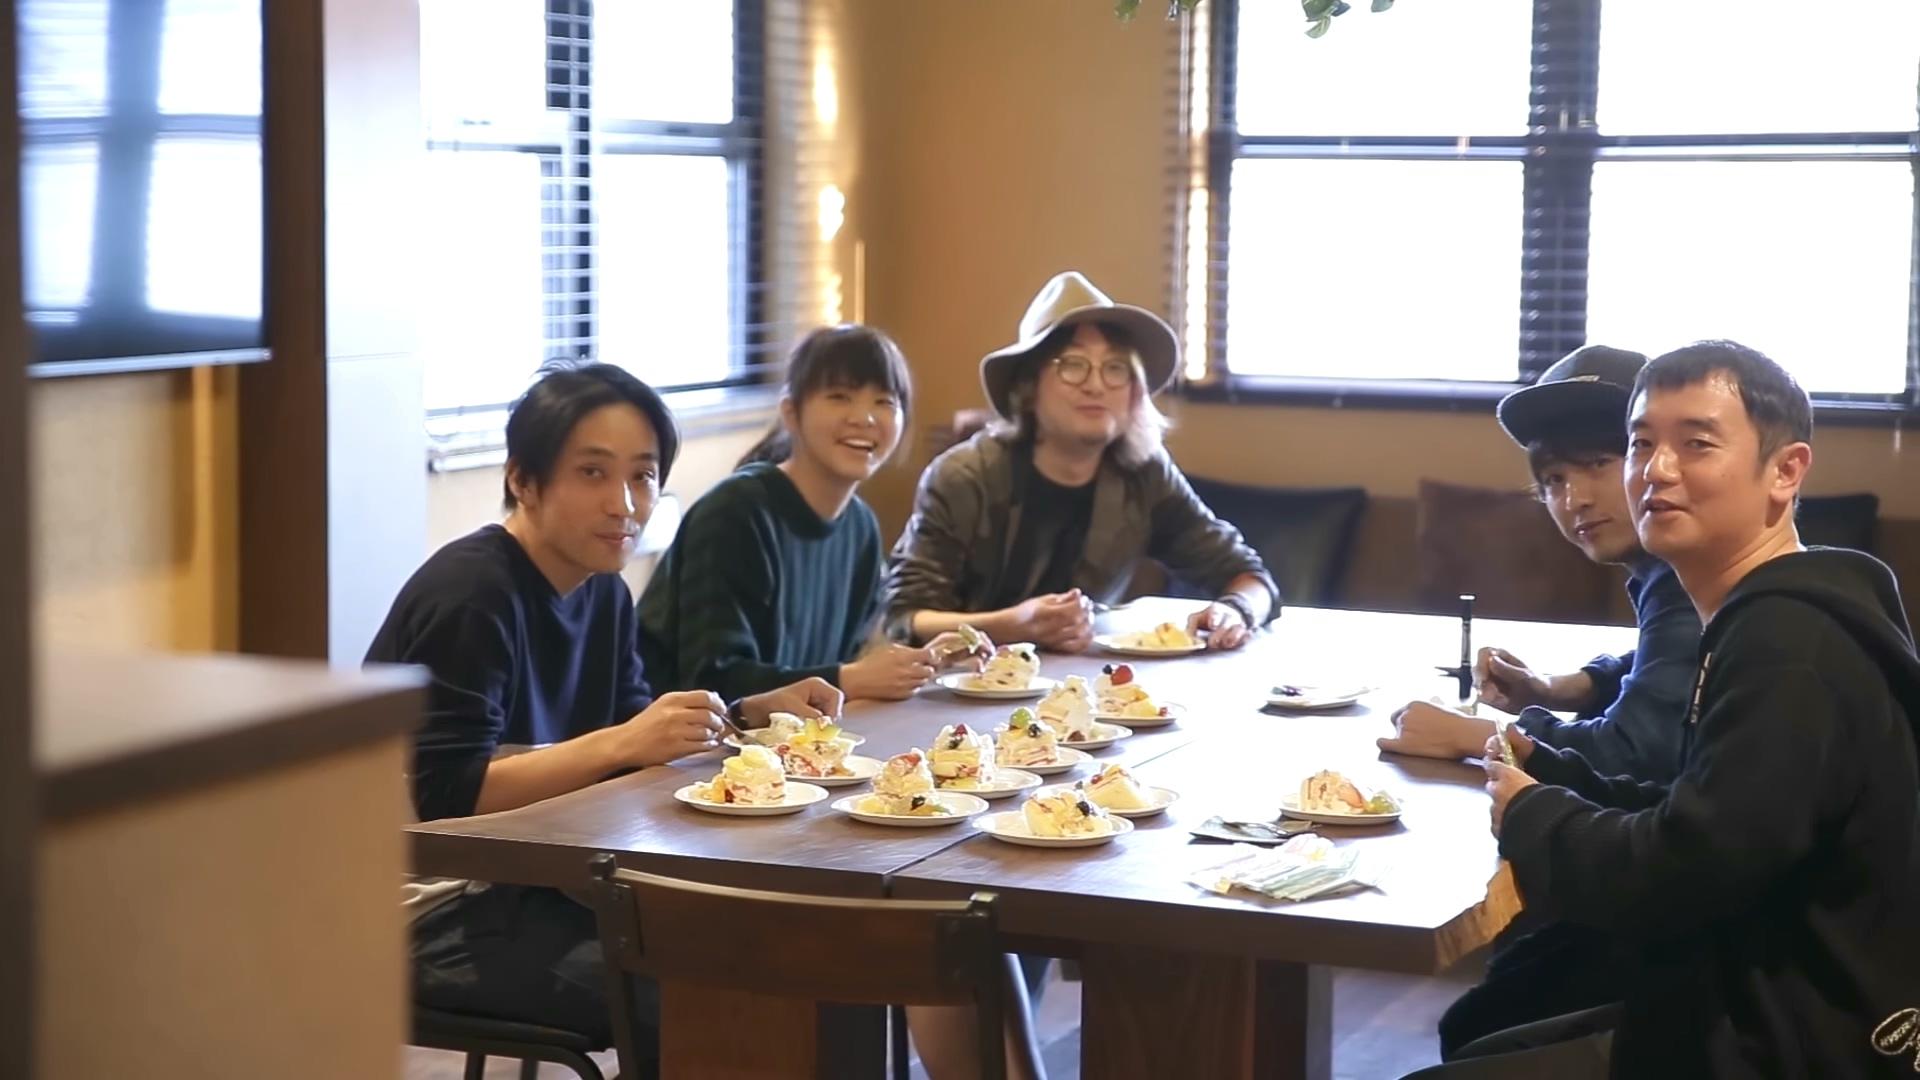 MV - ゆず×いきものがかり「イロトリドリ」.MKV_20170412_033550.030